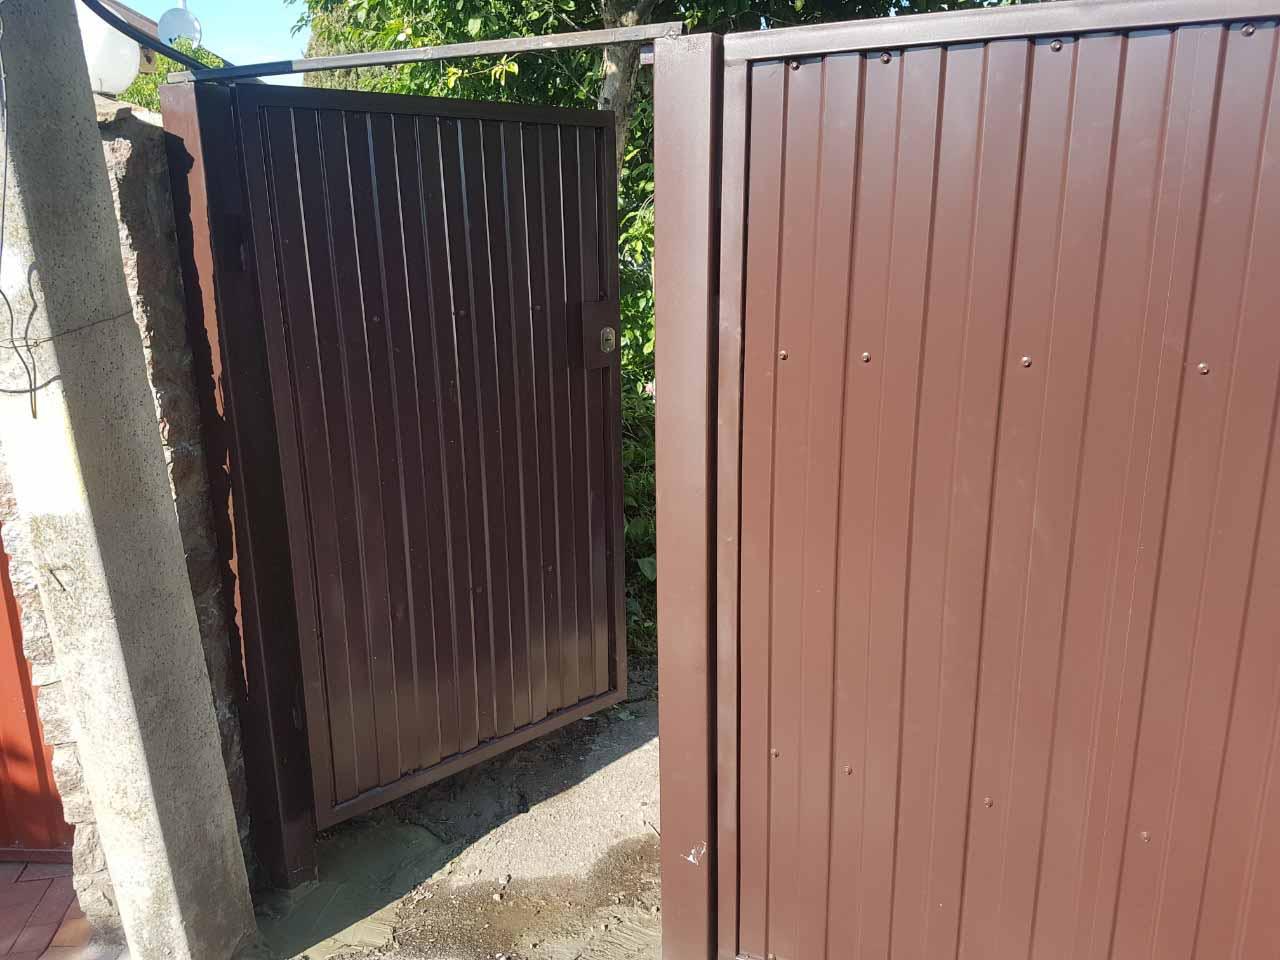 Ворота из профнастила для дачи с калиткой - вид спереди 08.06.19